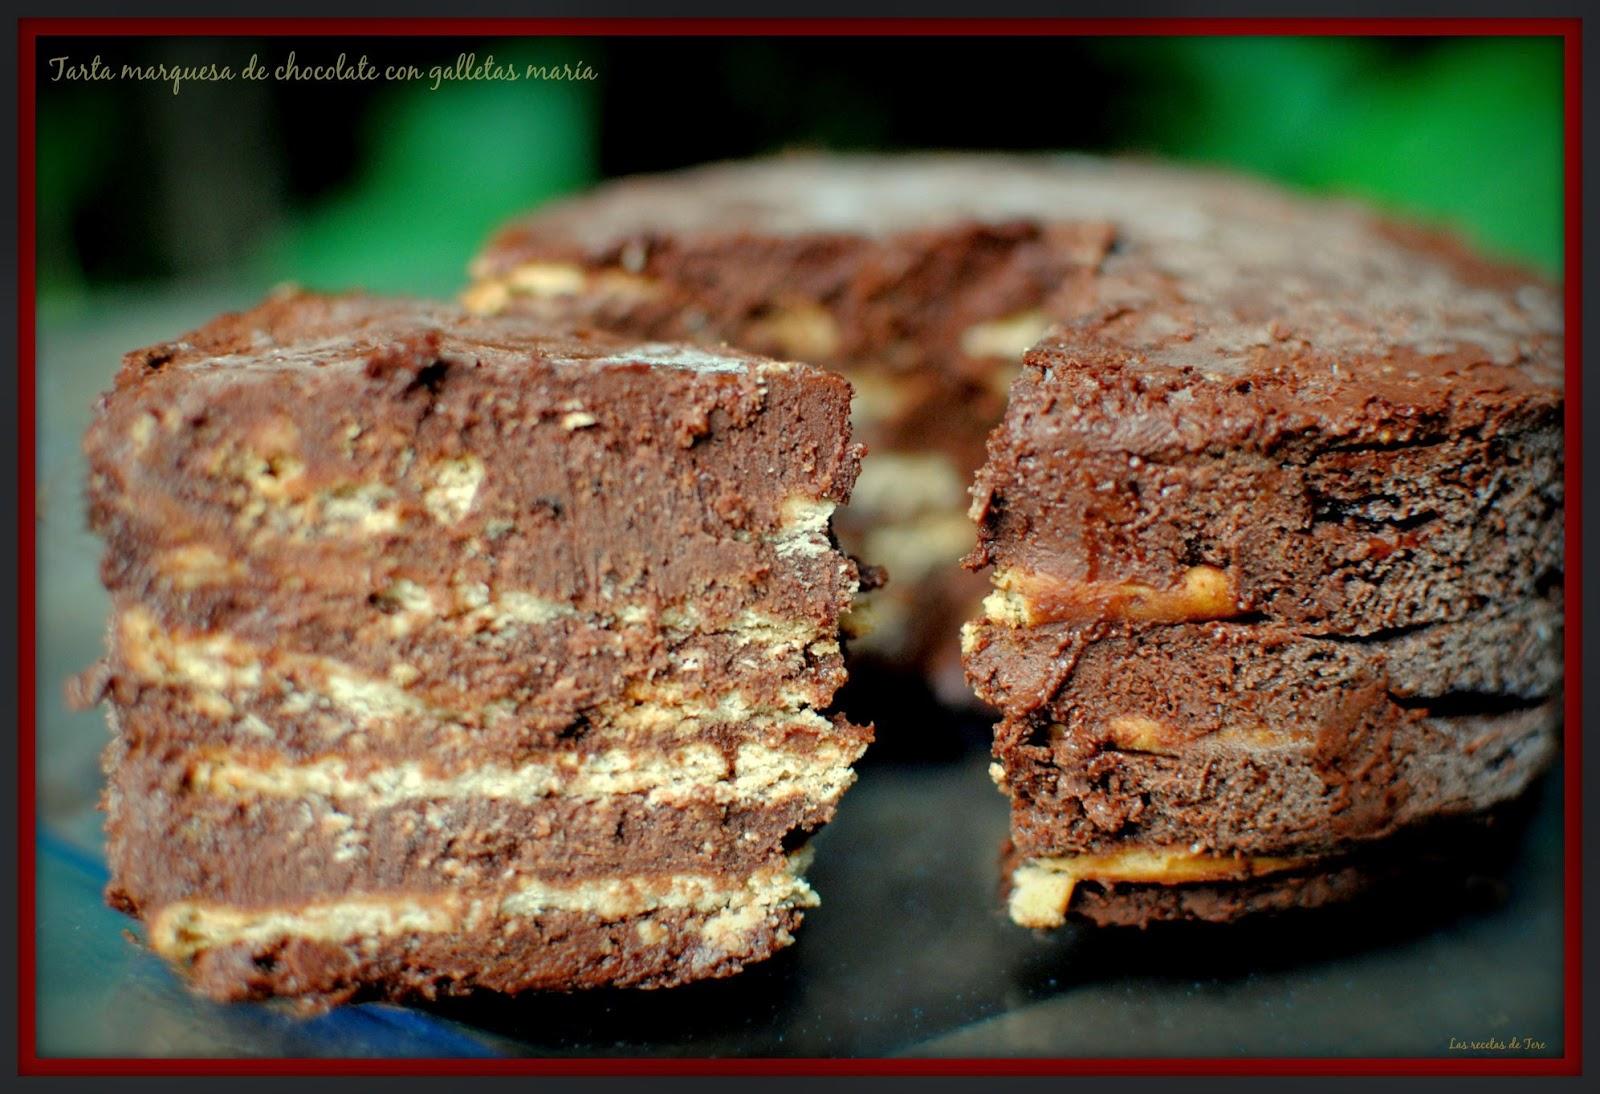 tarta marquesa de chocolate con galletas maría tererecetas 01